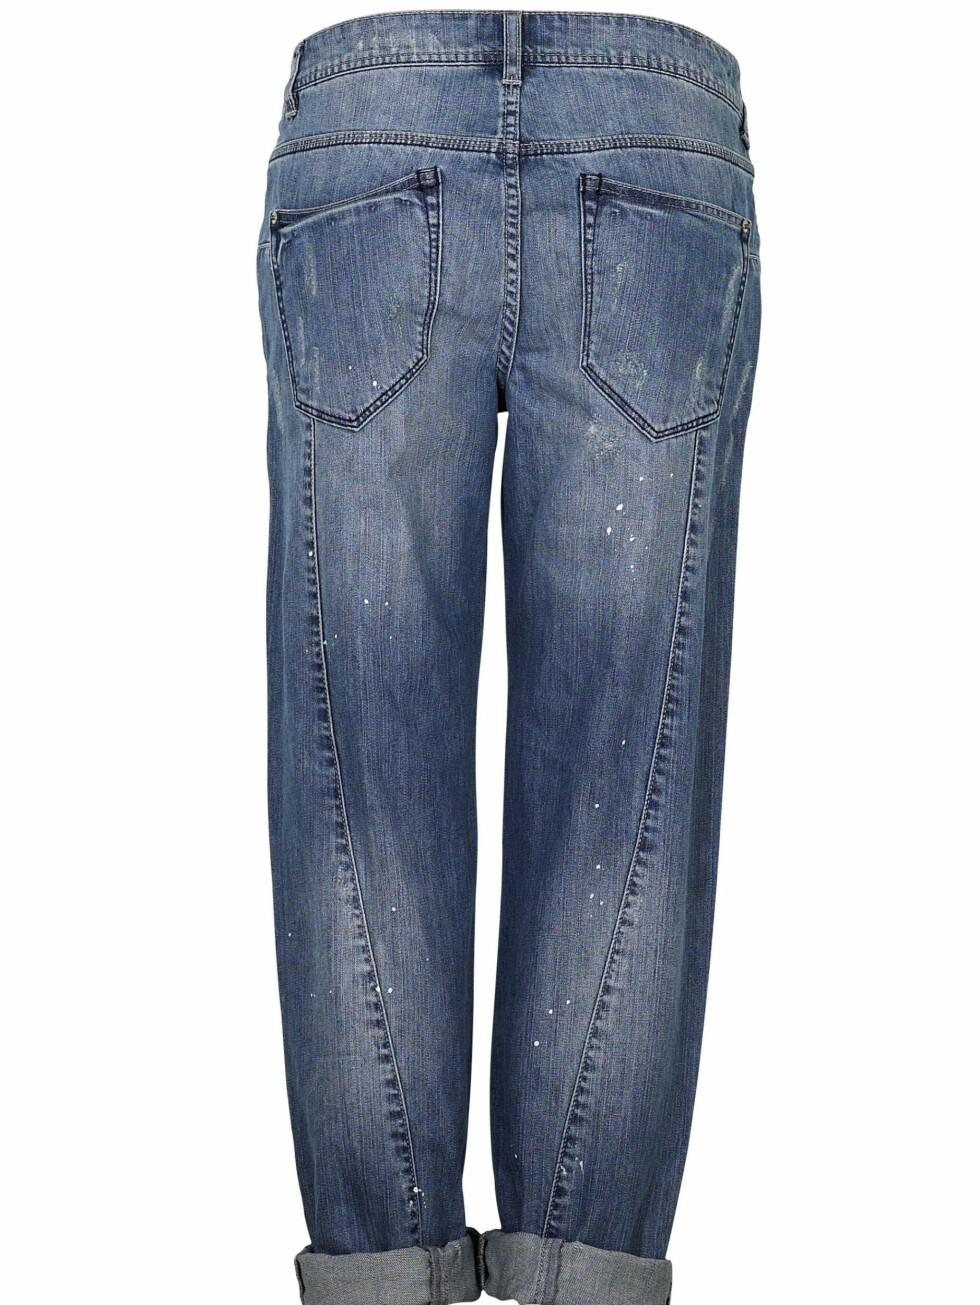 AVSLAPPET STIL: Vide jeans med skrå søm (kr 350, Cubus).